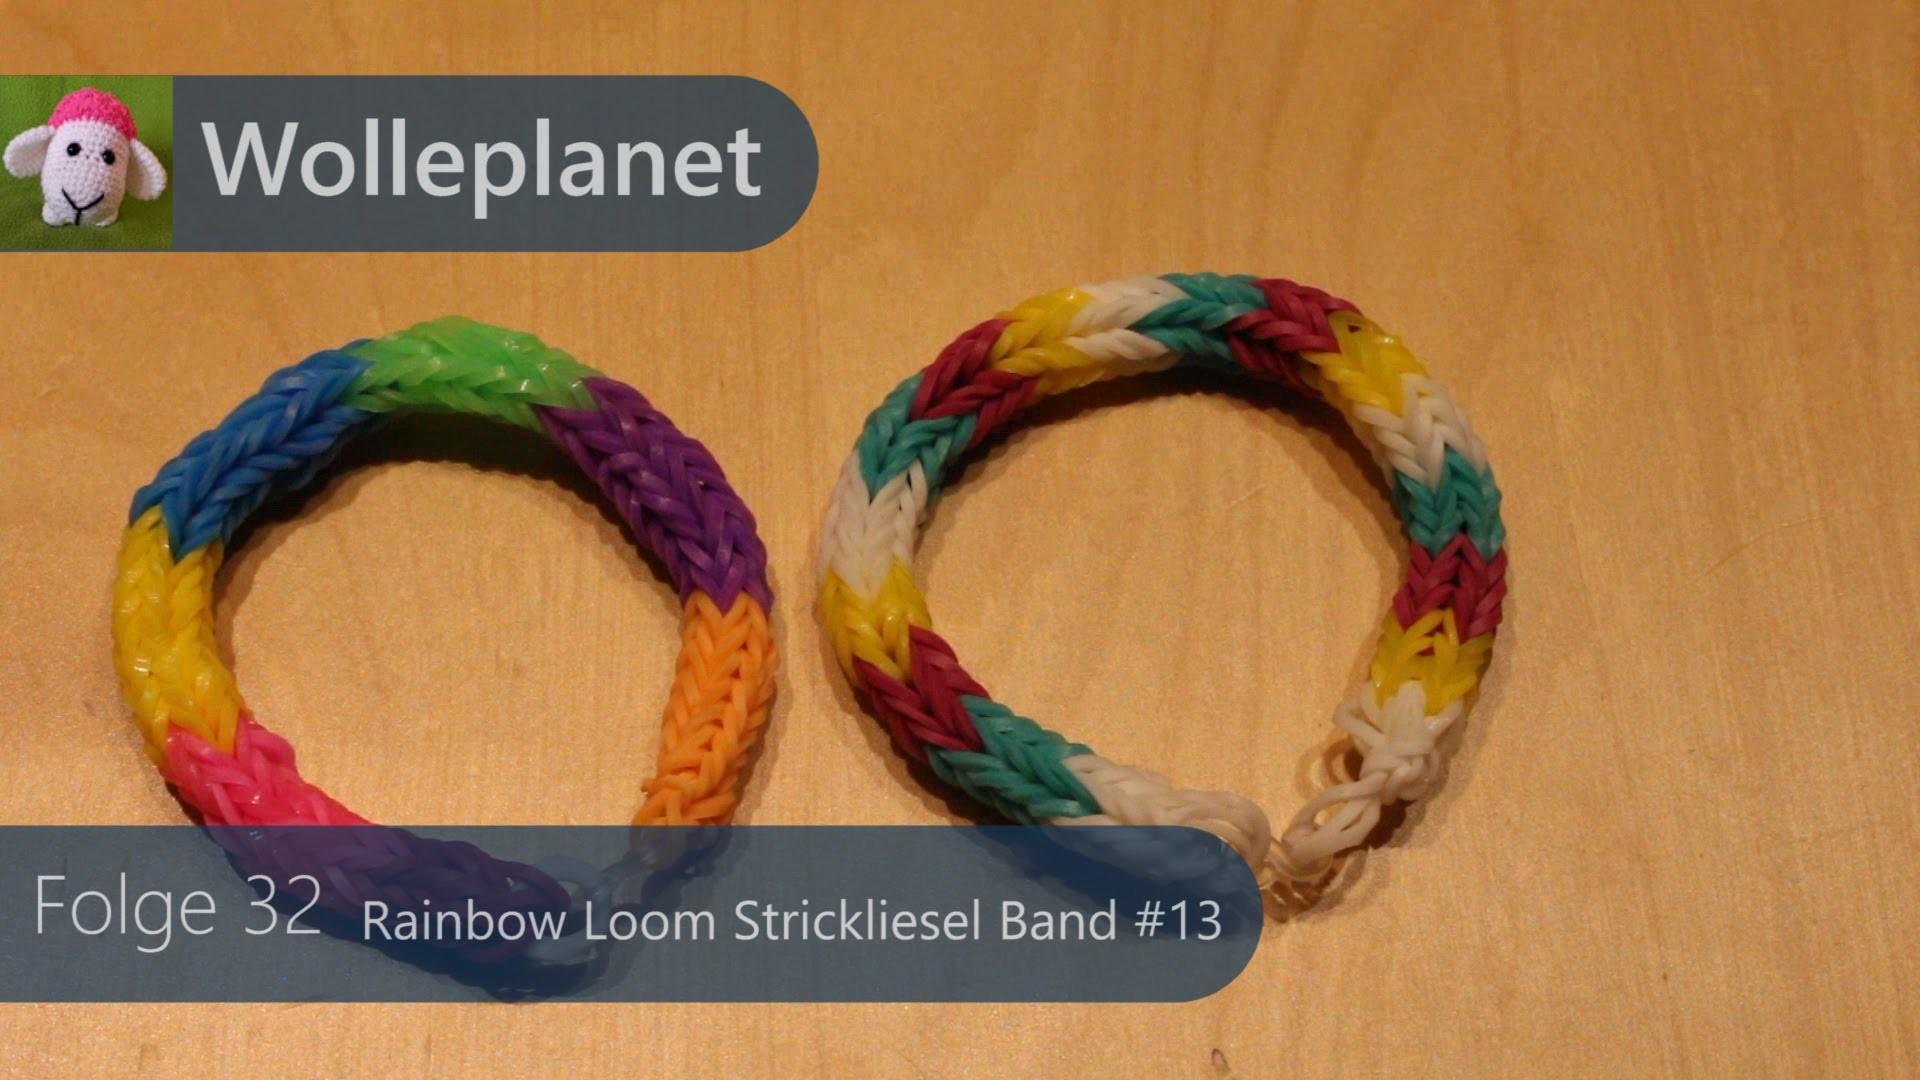 Loom Strickliesel Band #13